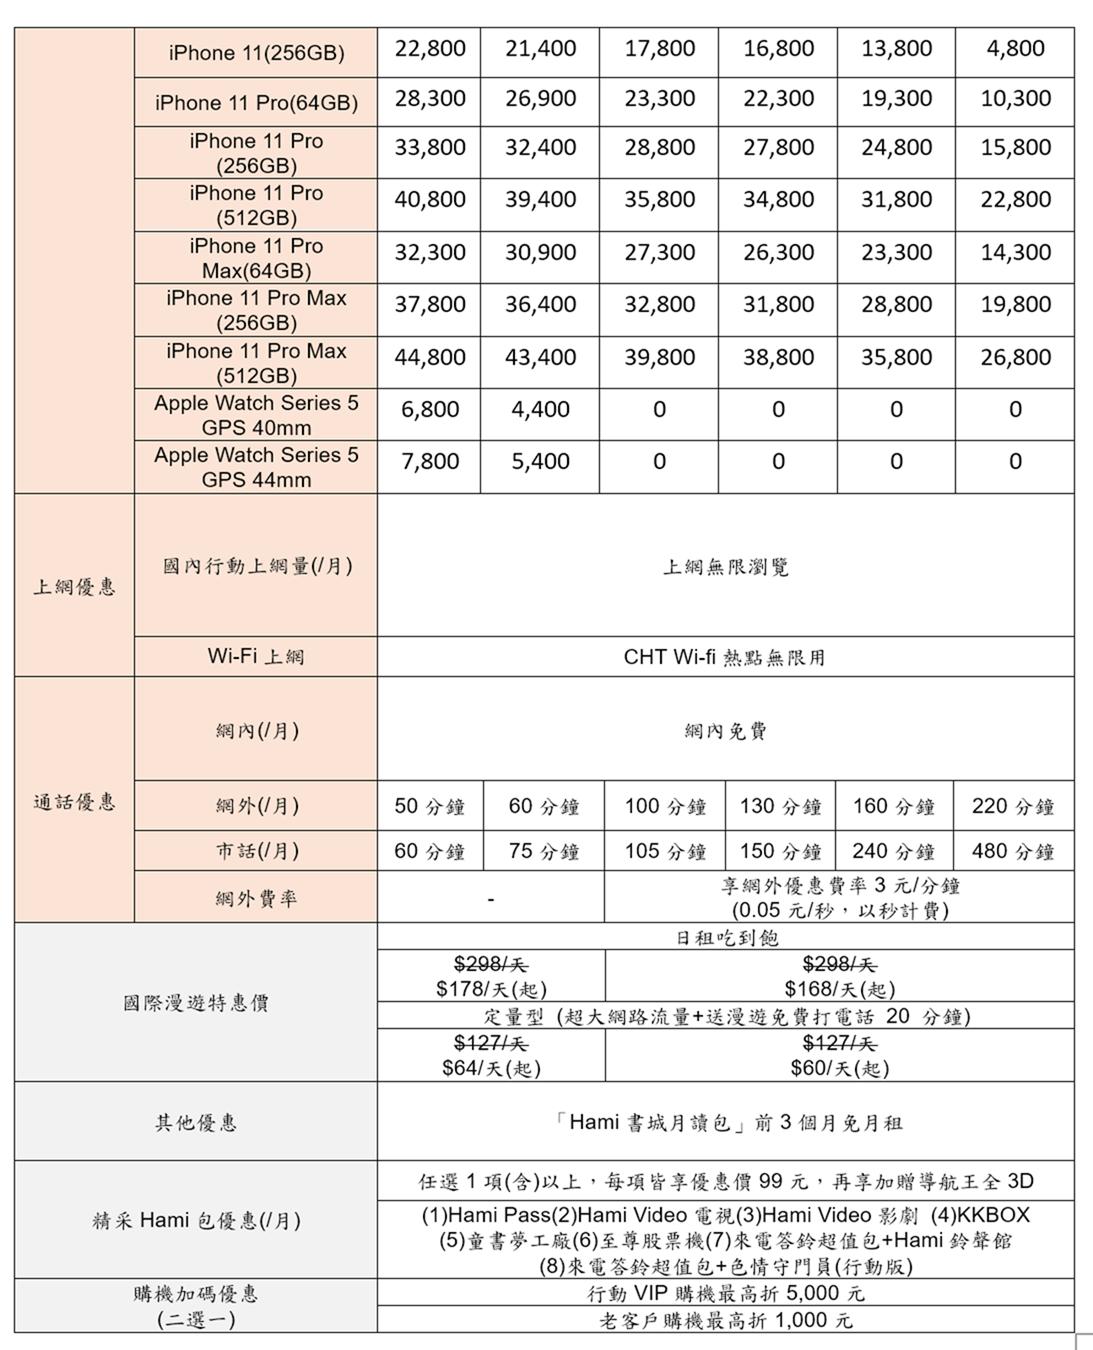 iPhone 11 中華電信 – 中華電信公佈 iPhone 11 全機型資費 頂規 iPhone 11 Pro Max(64GB) 專案價 0 元入手 @3C 達人廖阿輝